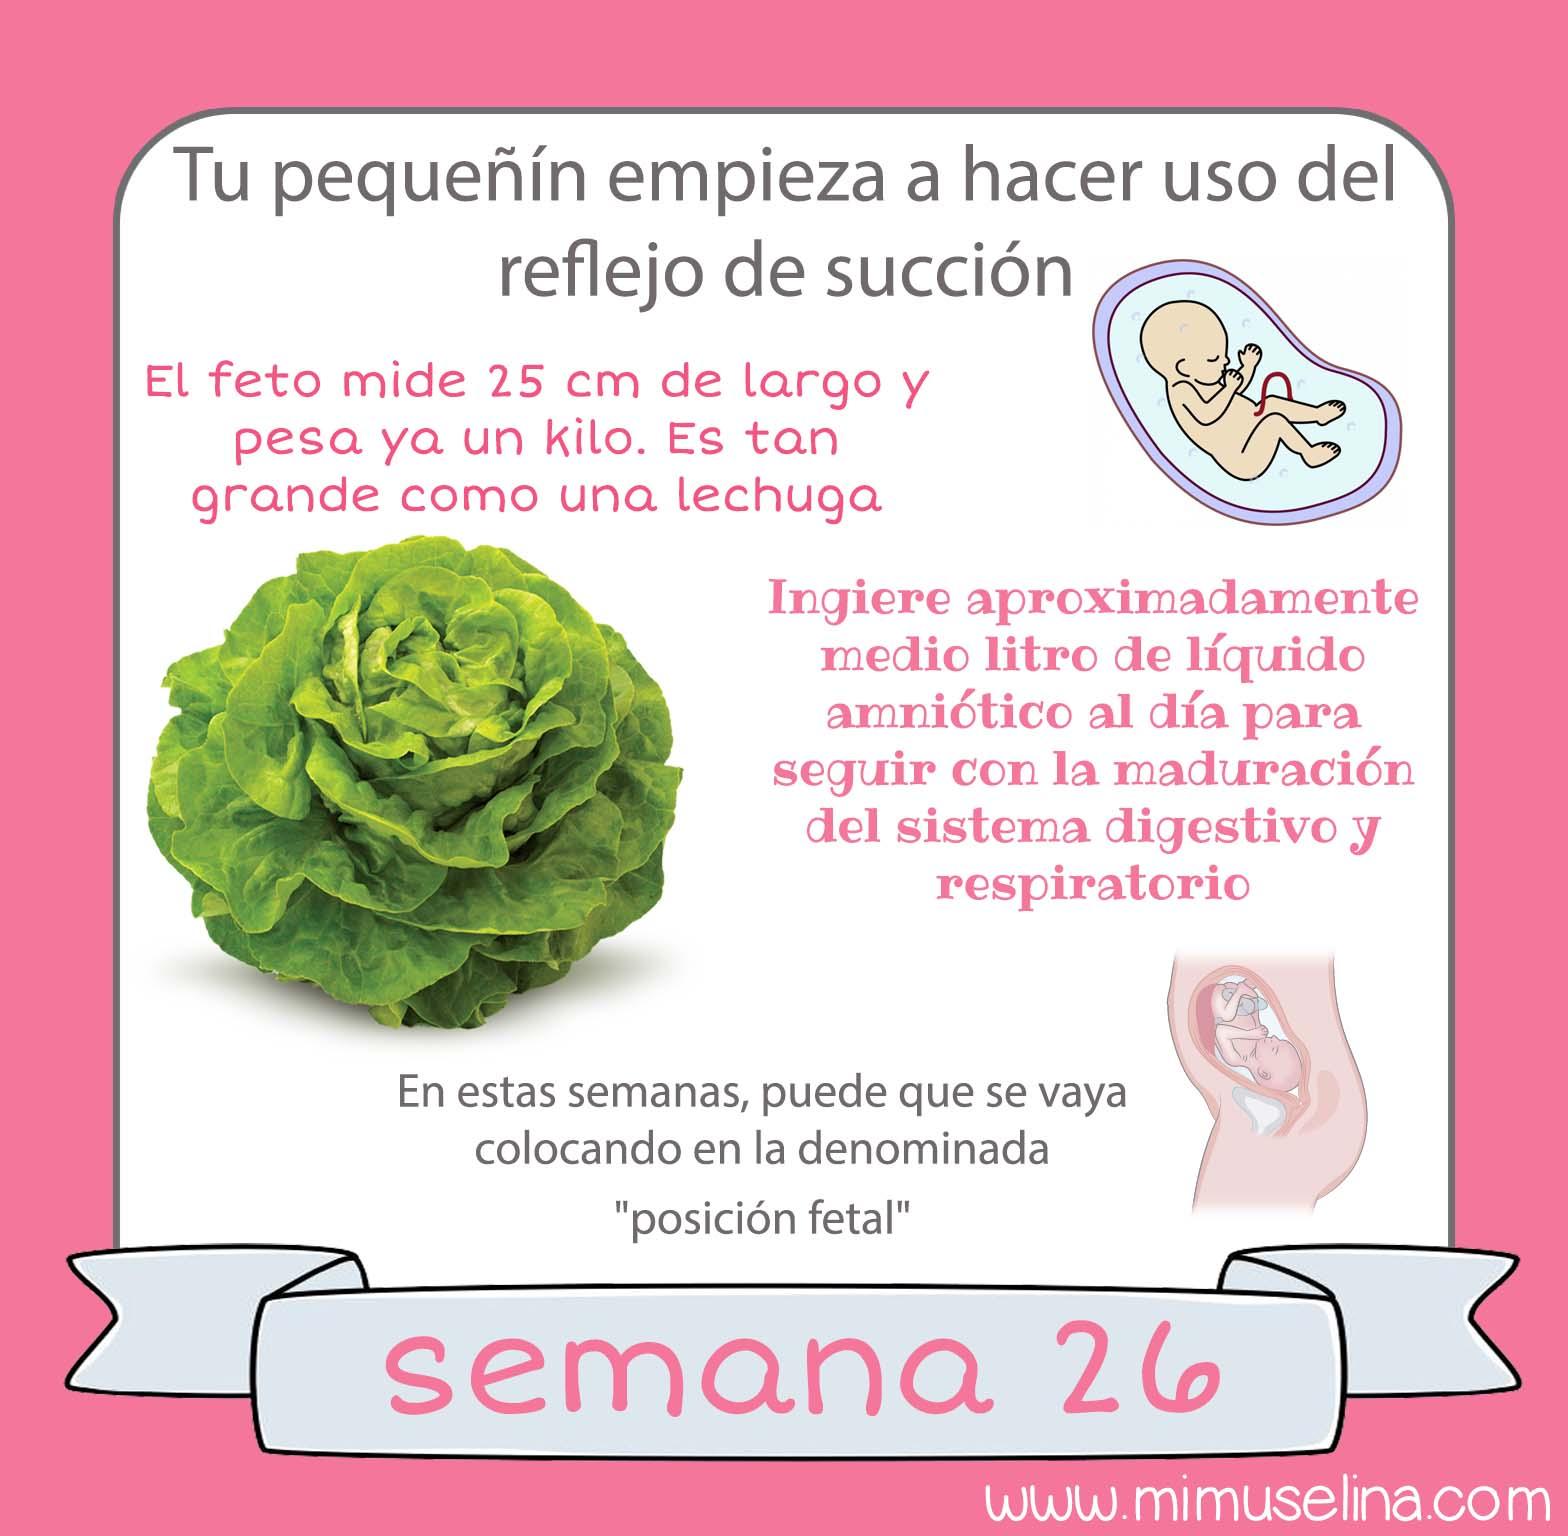 1fad2e46a Semana 26 embarazo. Tamaño y evolución del bebé  mimuselina. EL BEBE  El  feto mide 25 centímetros de largo (desde la cabeza hasta el final de la  columna) y ...